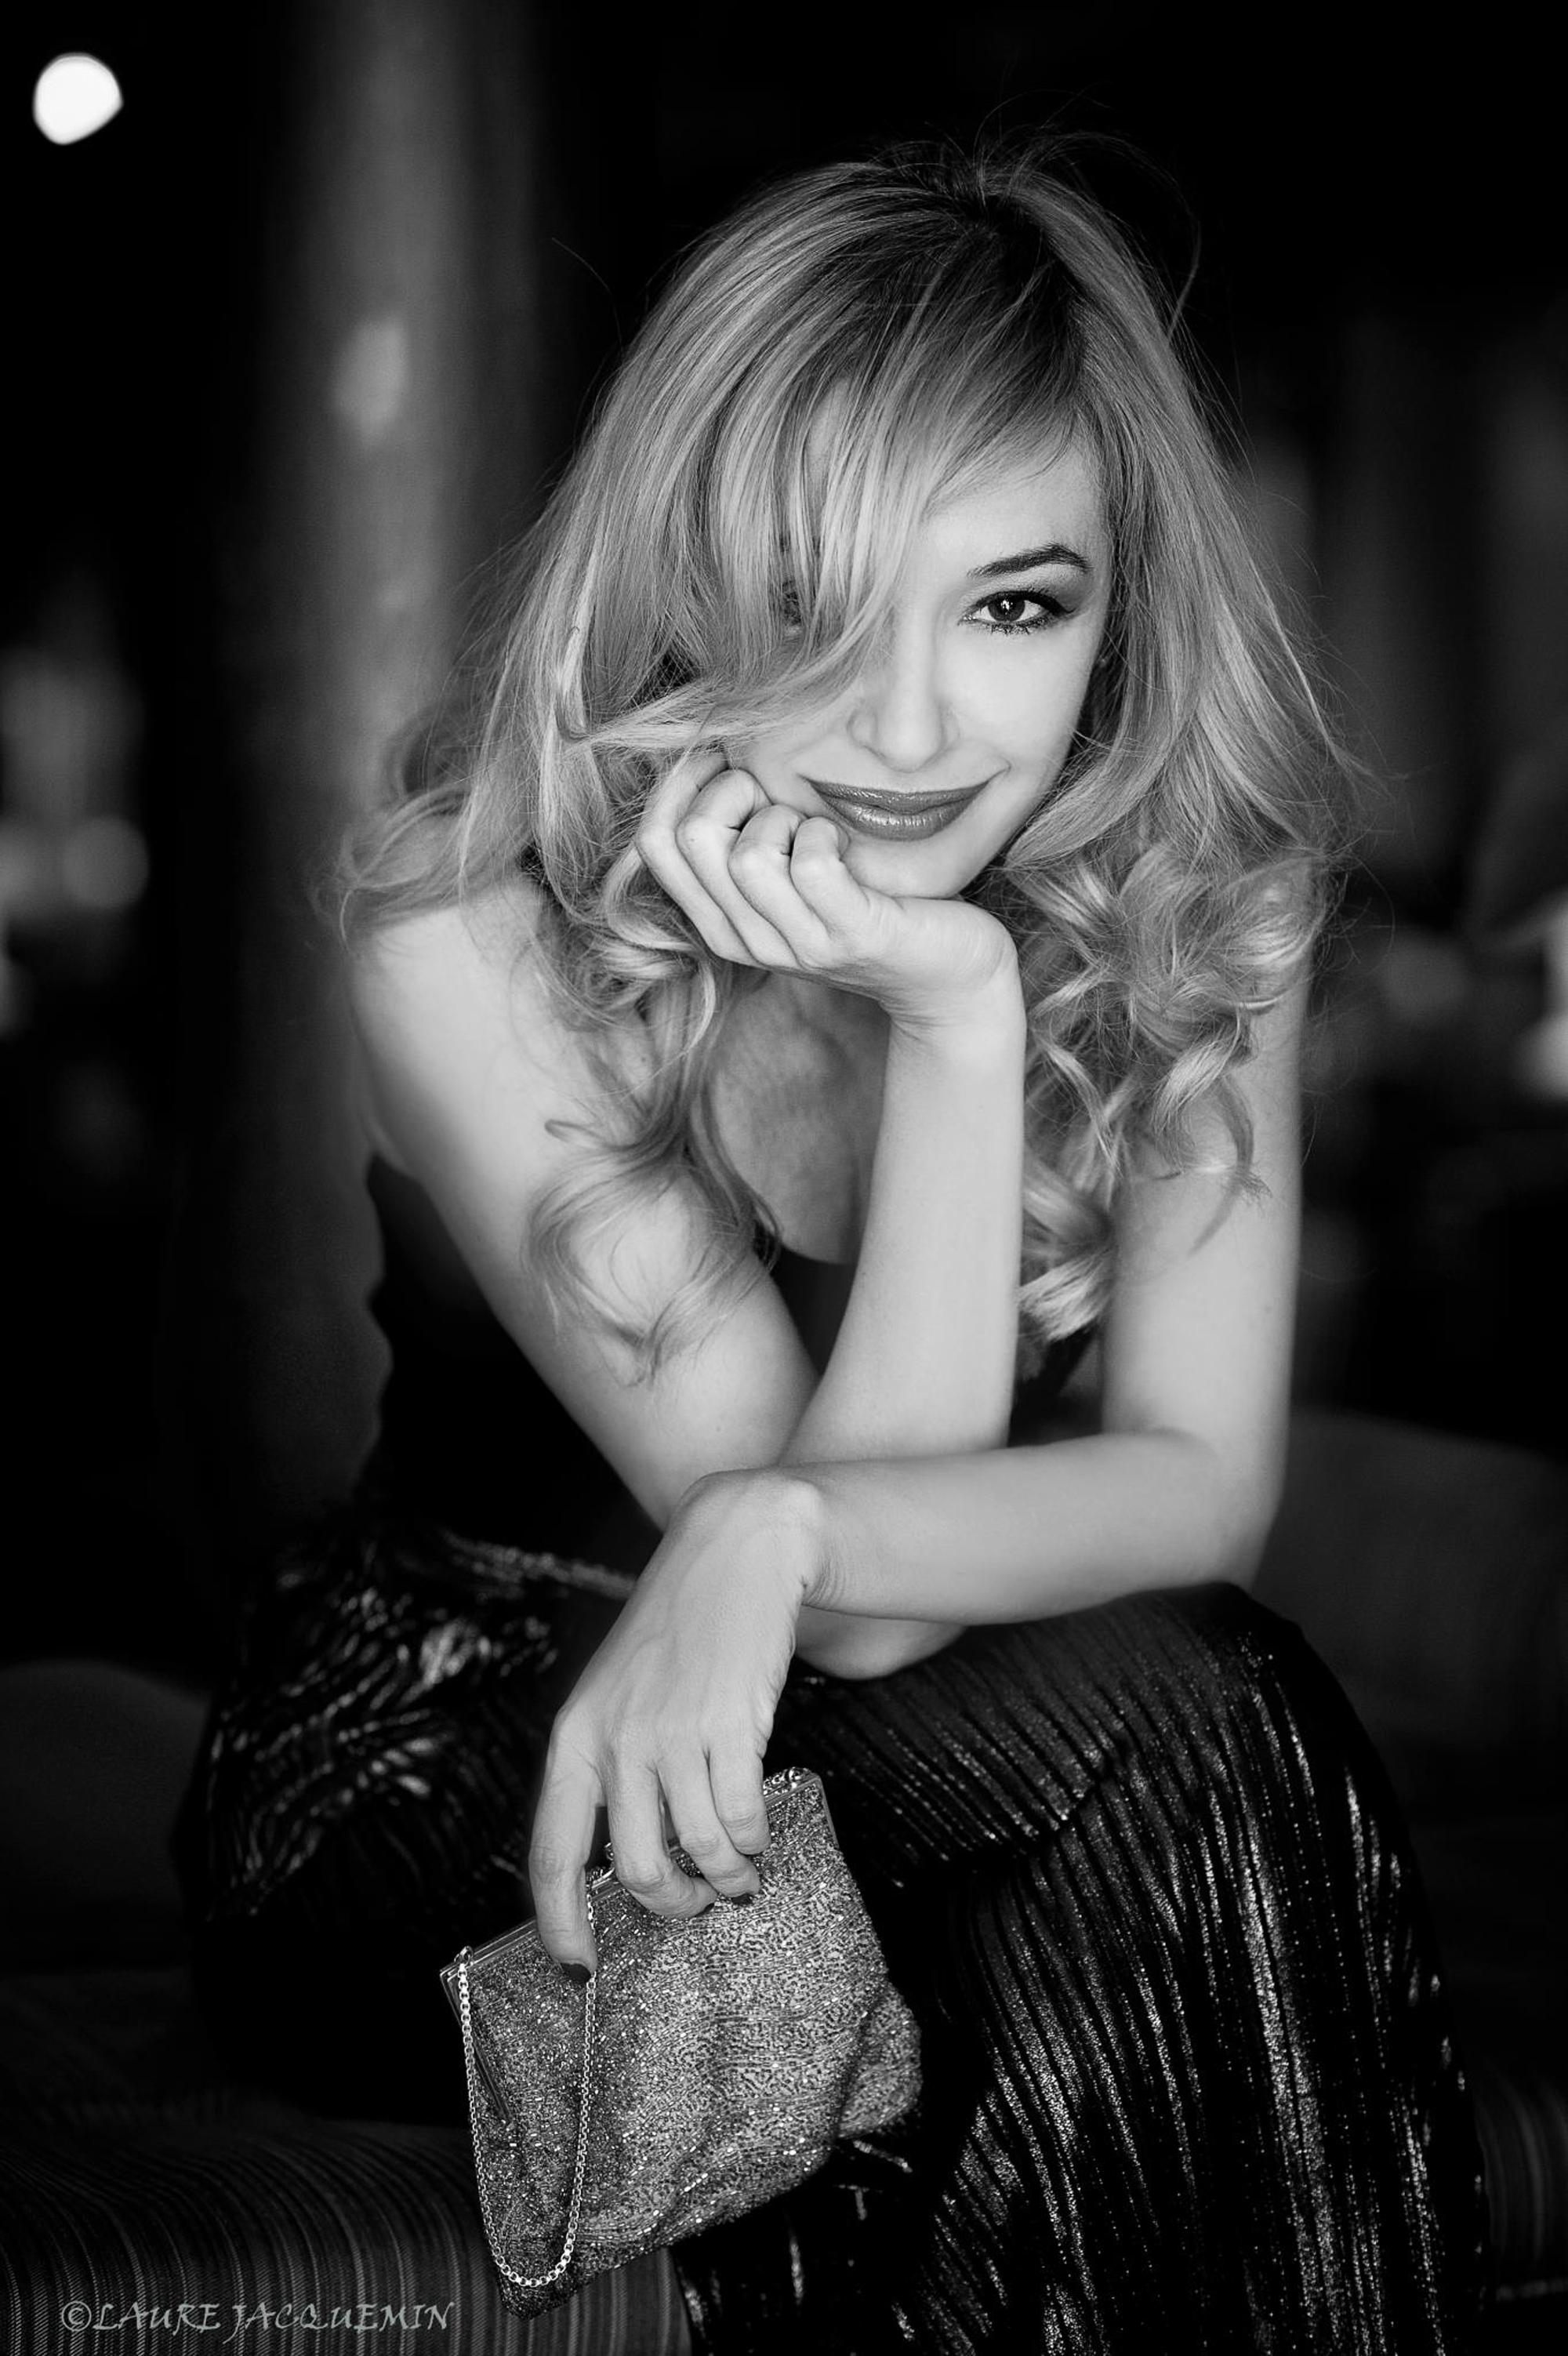 laure jacquemin PORTRAIT venice photography model artists (8).jpg